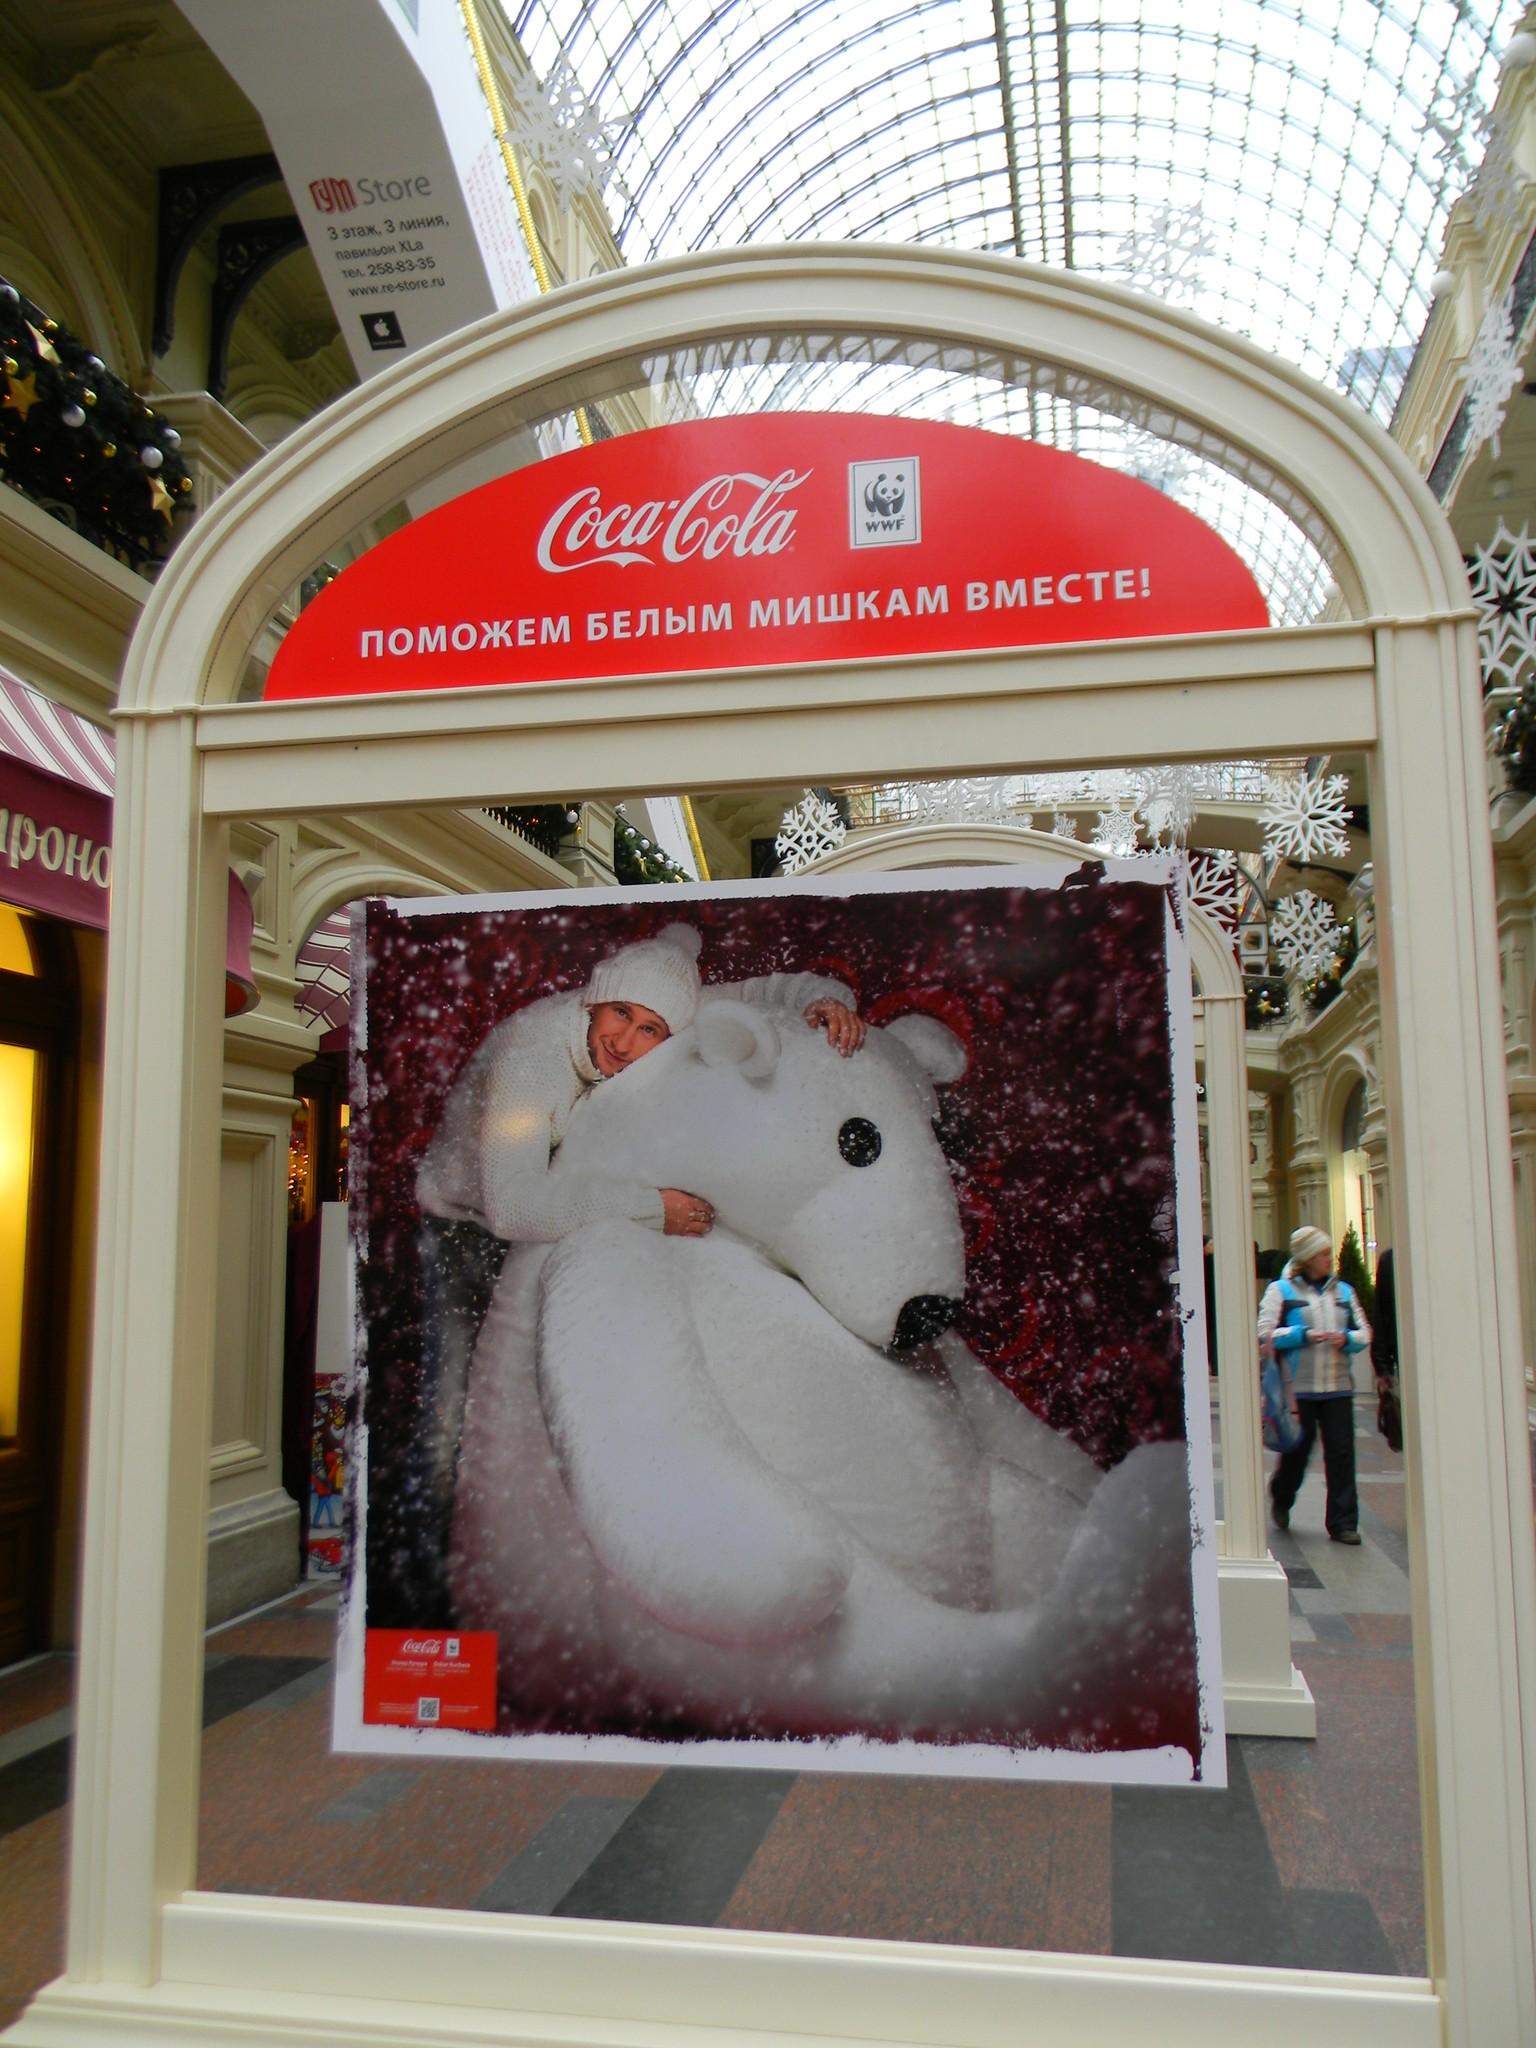 Фотопроект «Поможем белым мишкам вместе!» в ГУМе